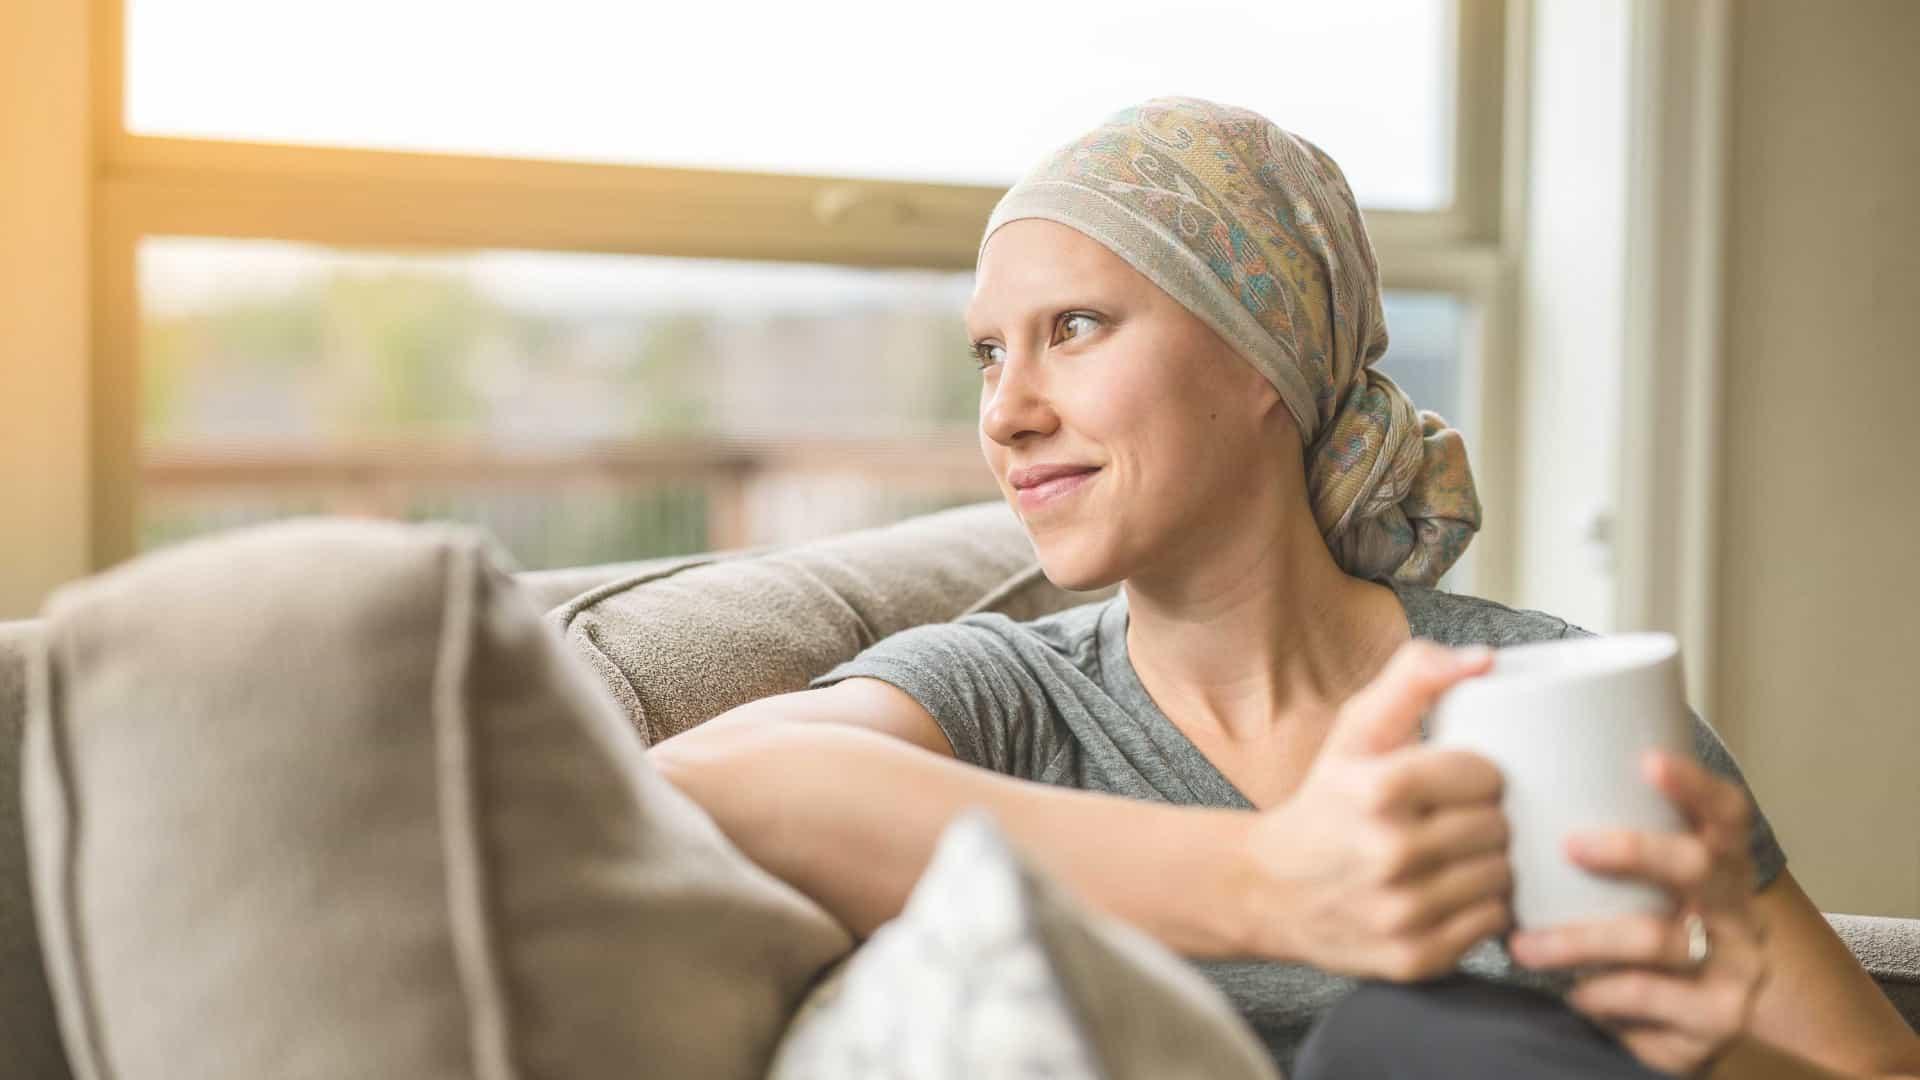 Mulher com câncer sorrindo com uma xícara na mão.